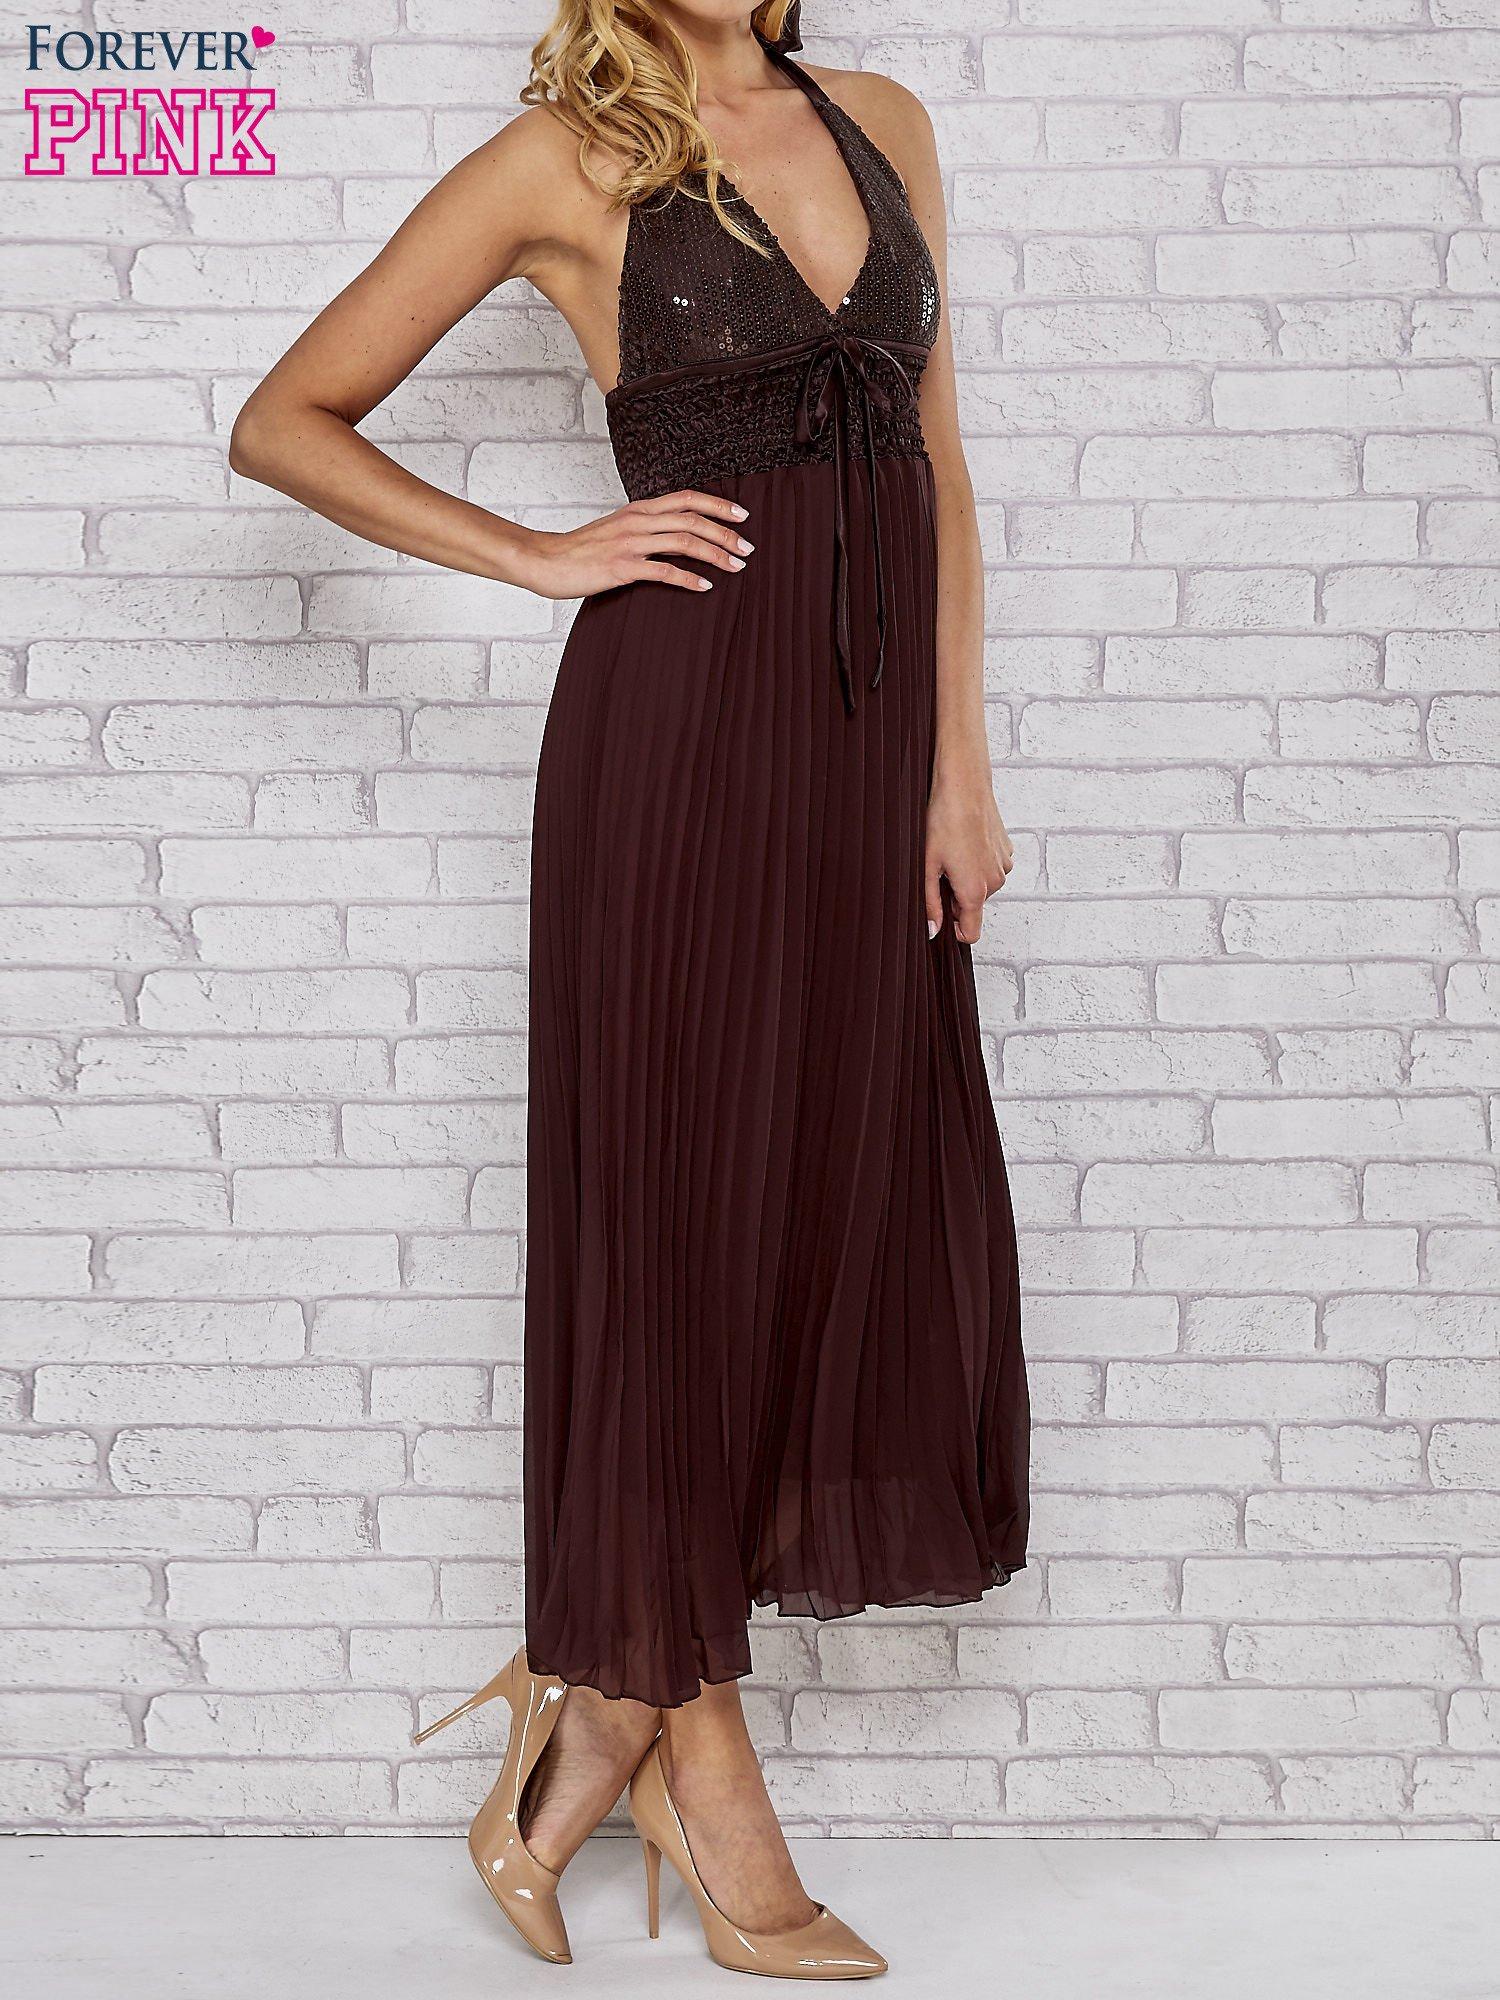 Brązowa plisowana sukienka maxi wiązana na plecach                                  zdj.                                  3